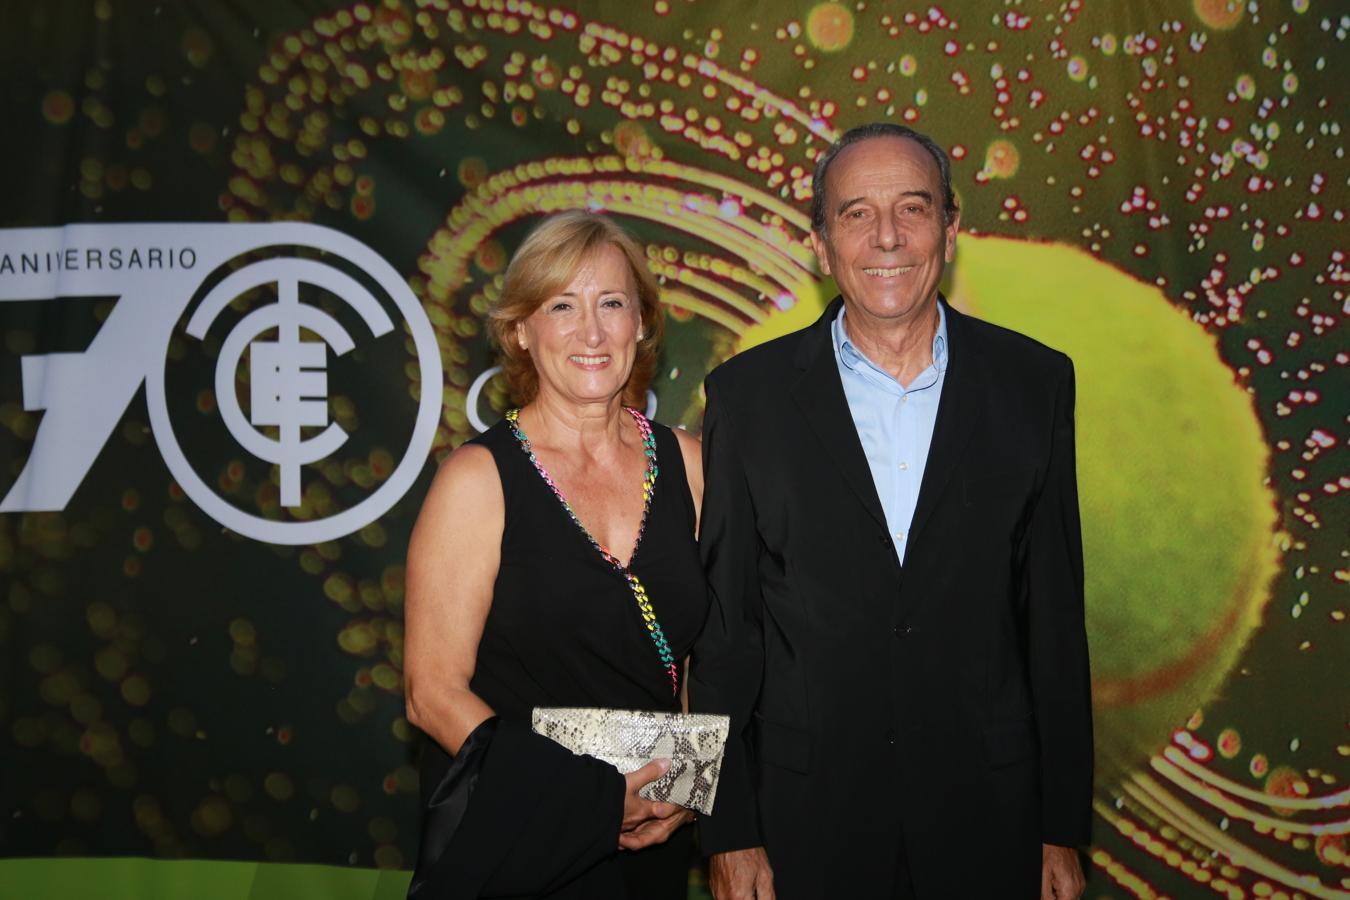 Las fotos del setenta aniversario del Club Español de tenis